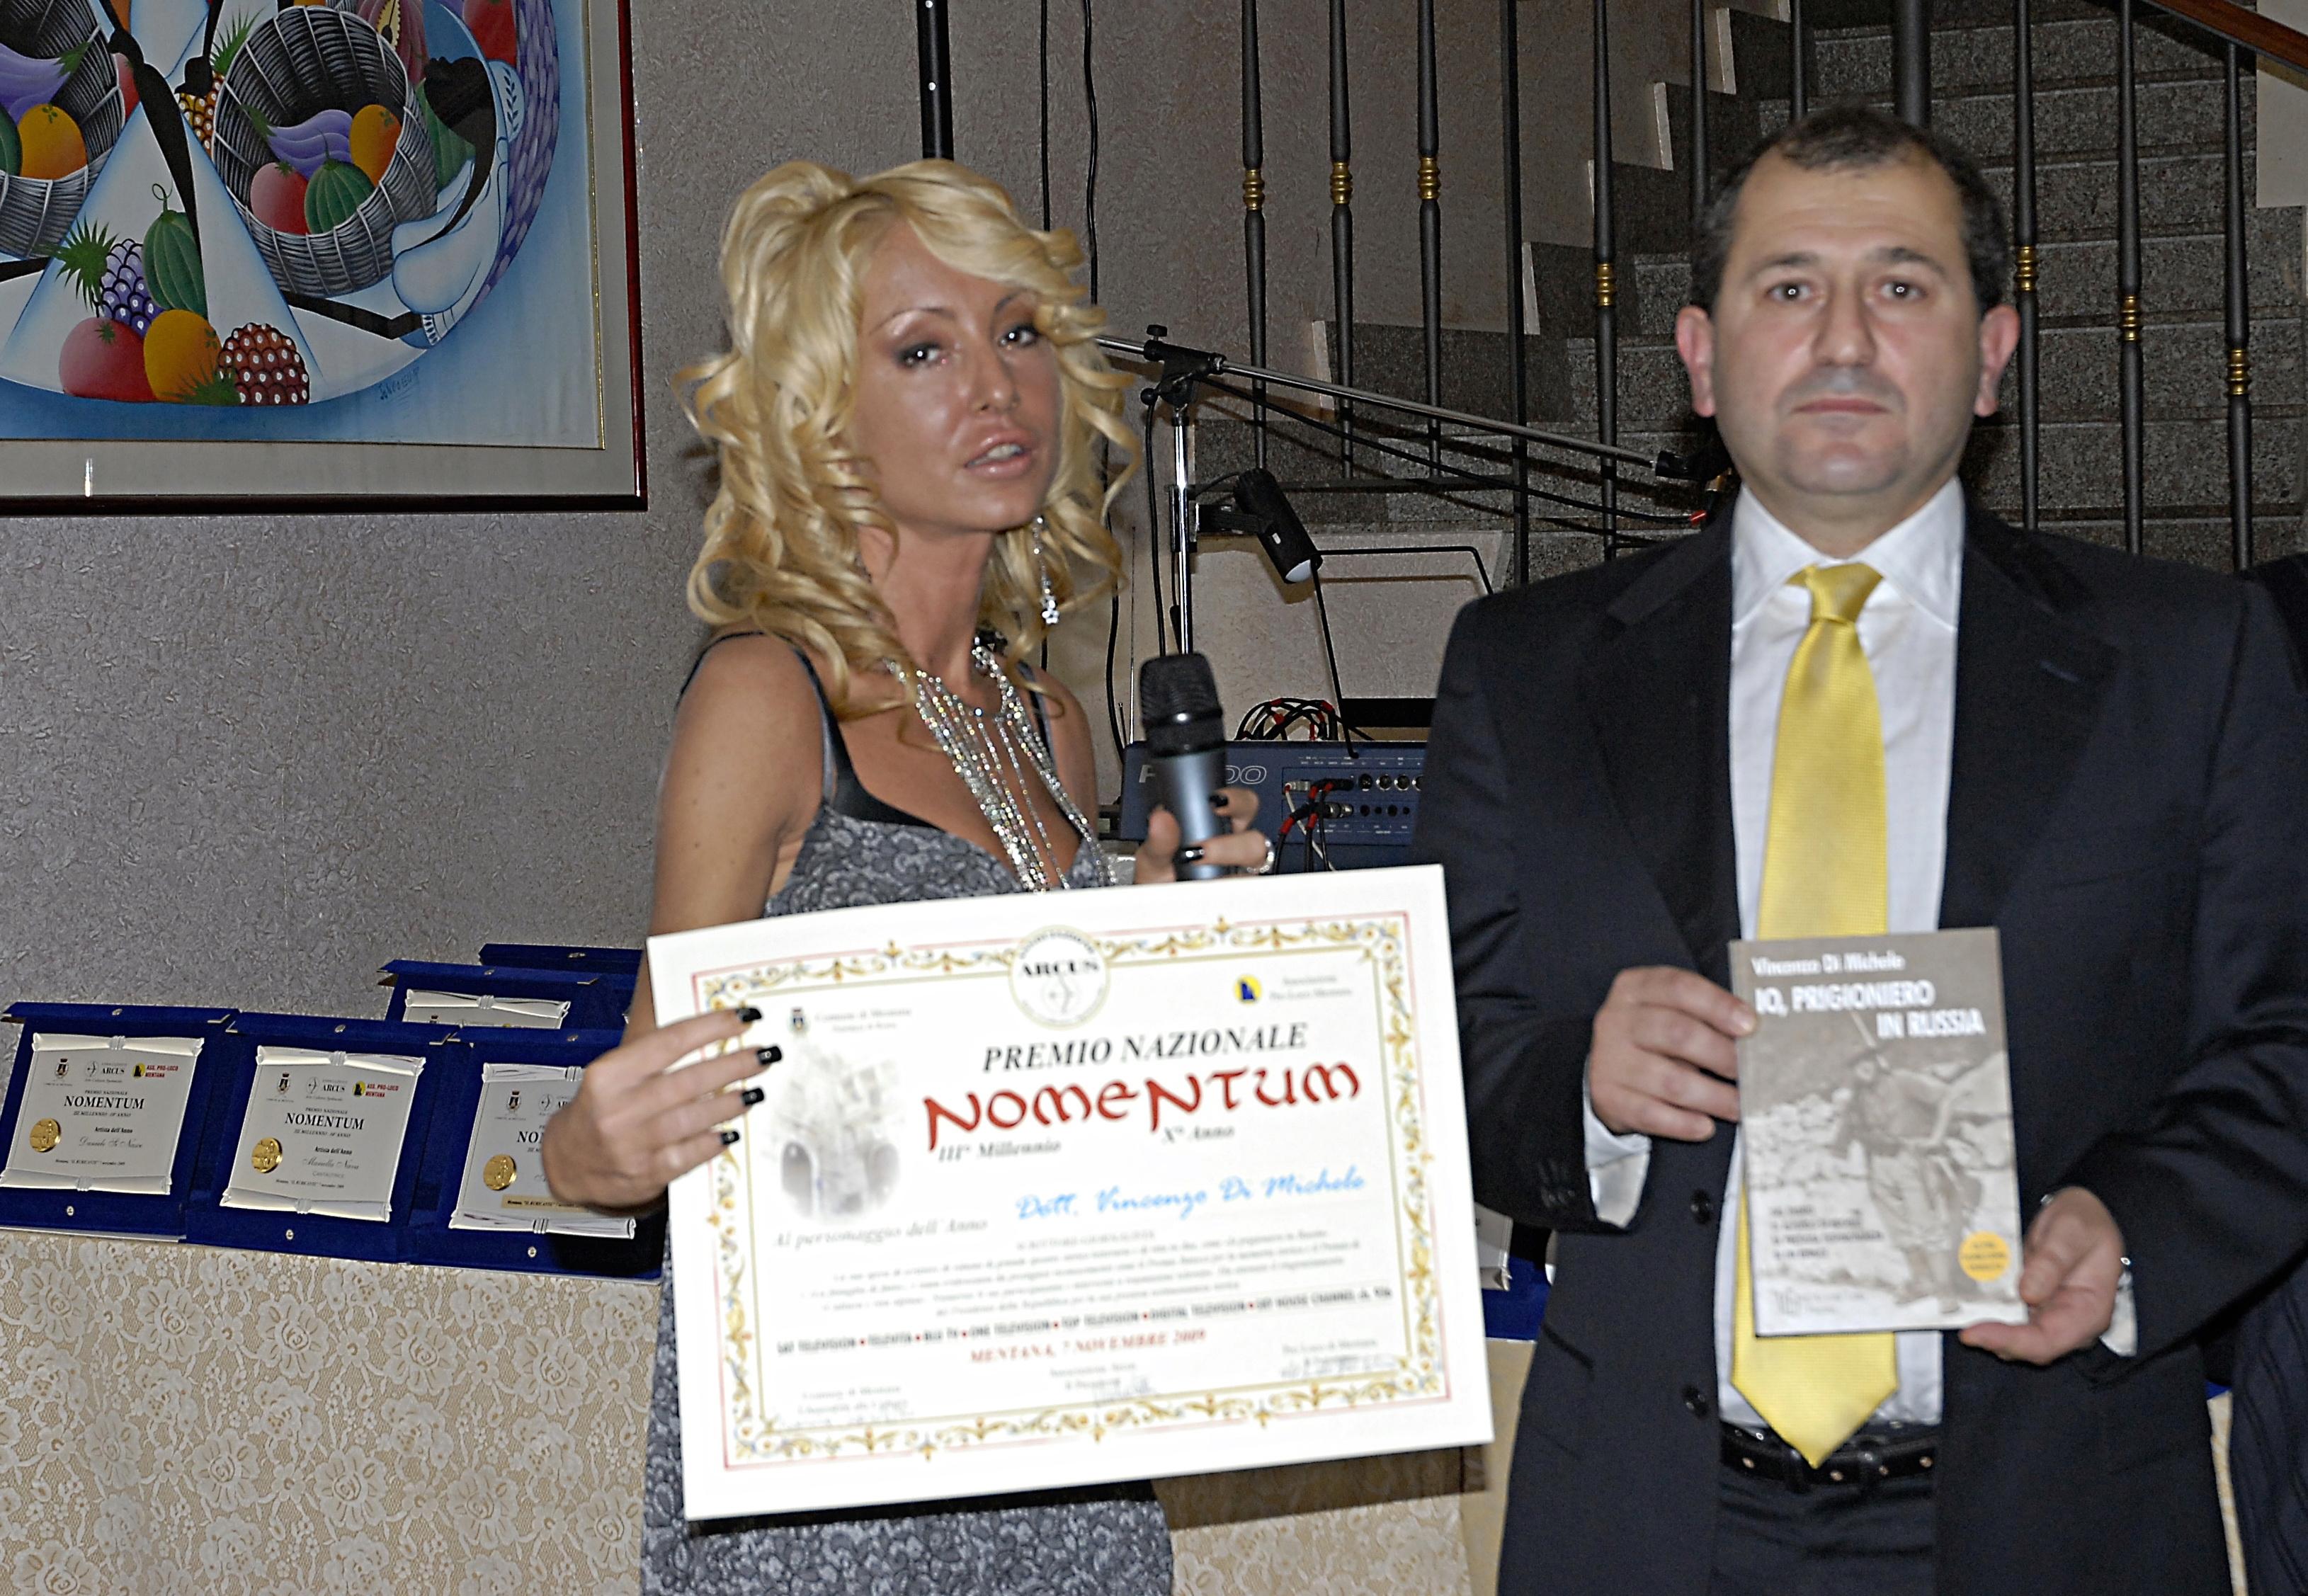 foto-premio-nazionale-nomentum